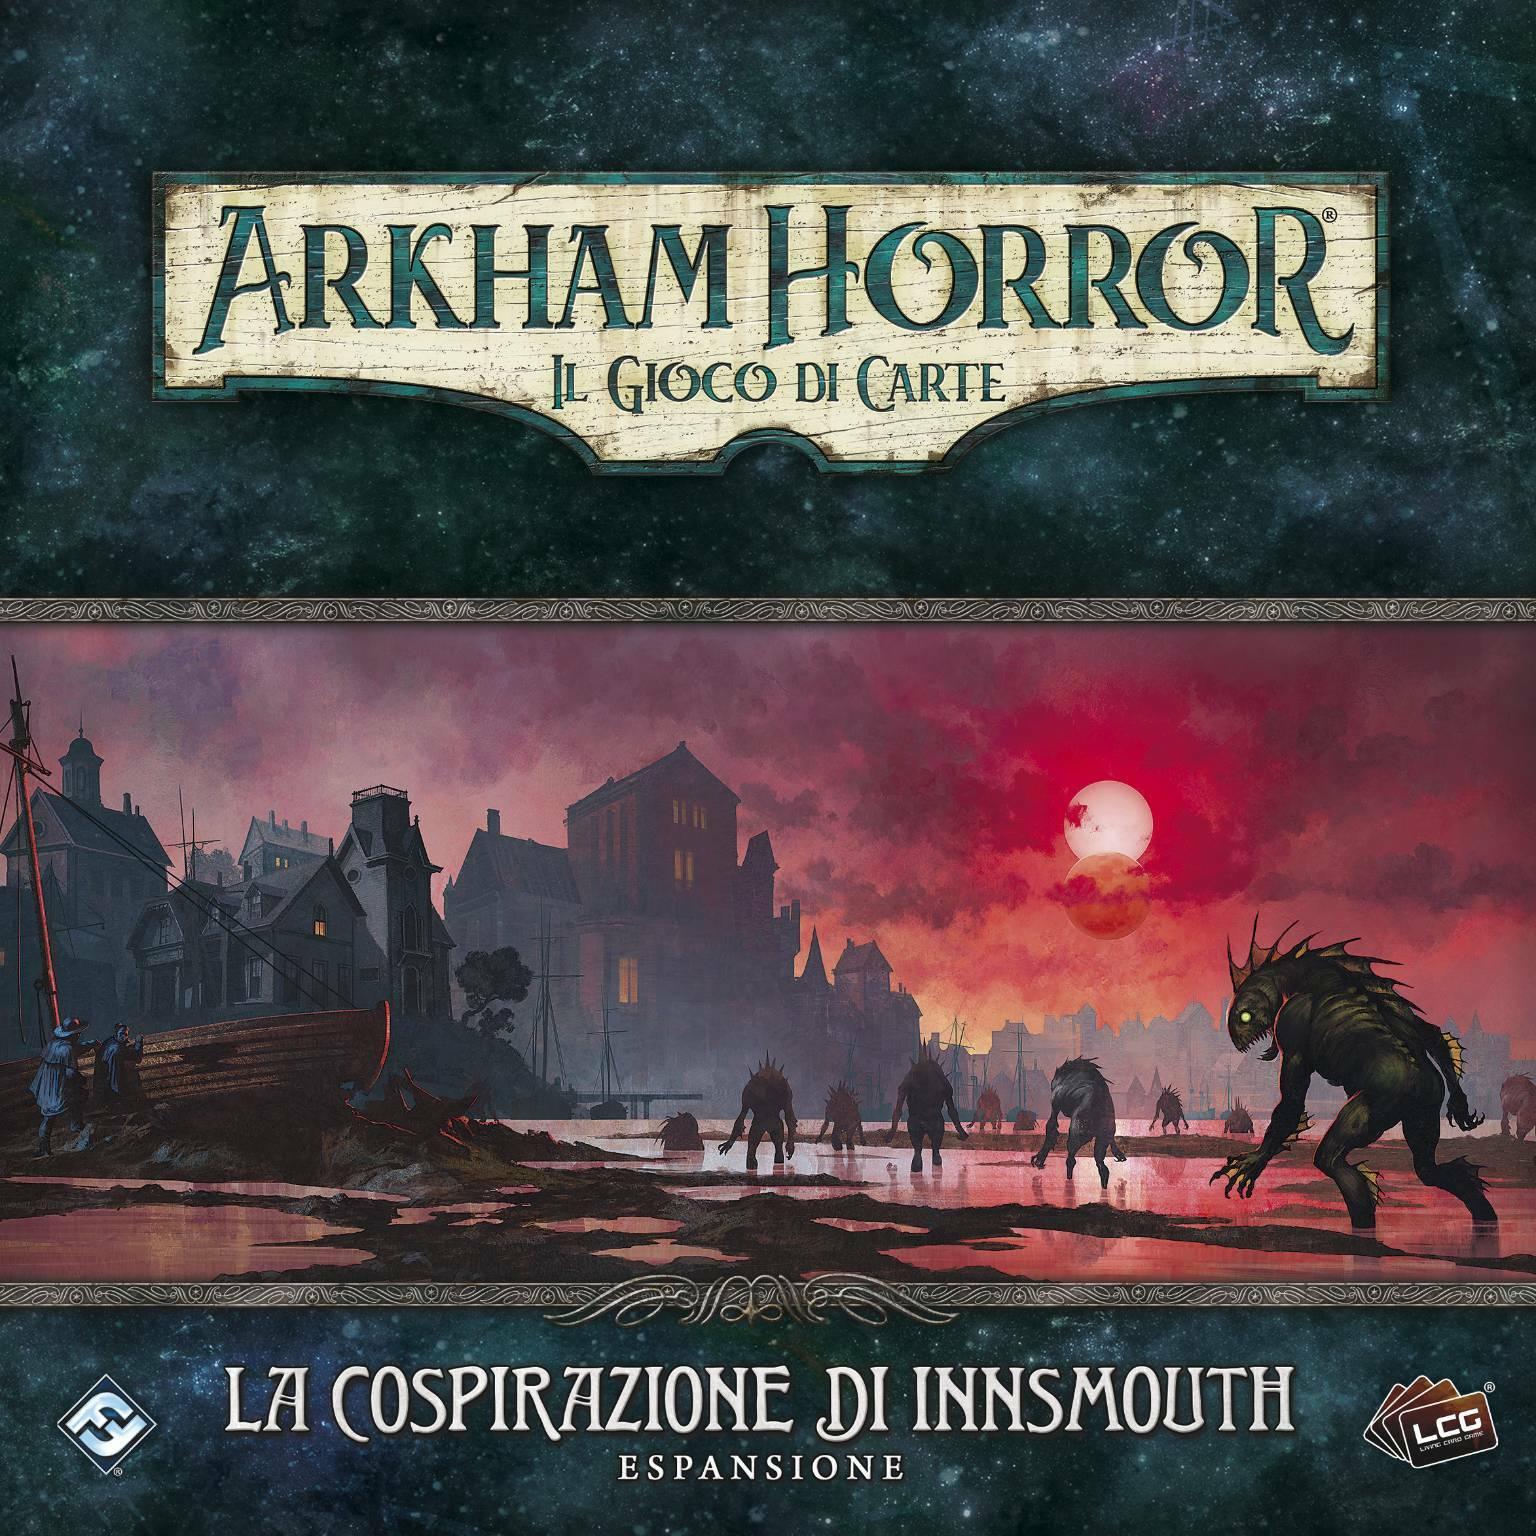 Arkham Horror: il gioco di carte - La Cospirazione di Innsmouth